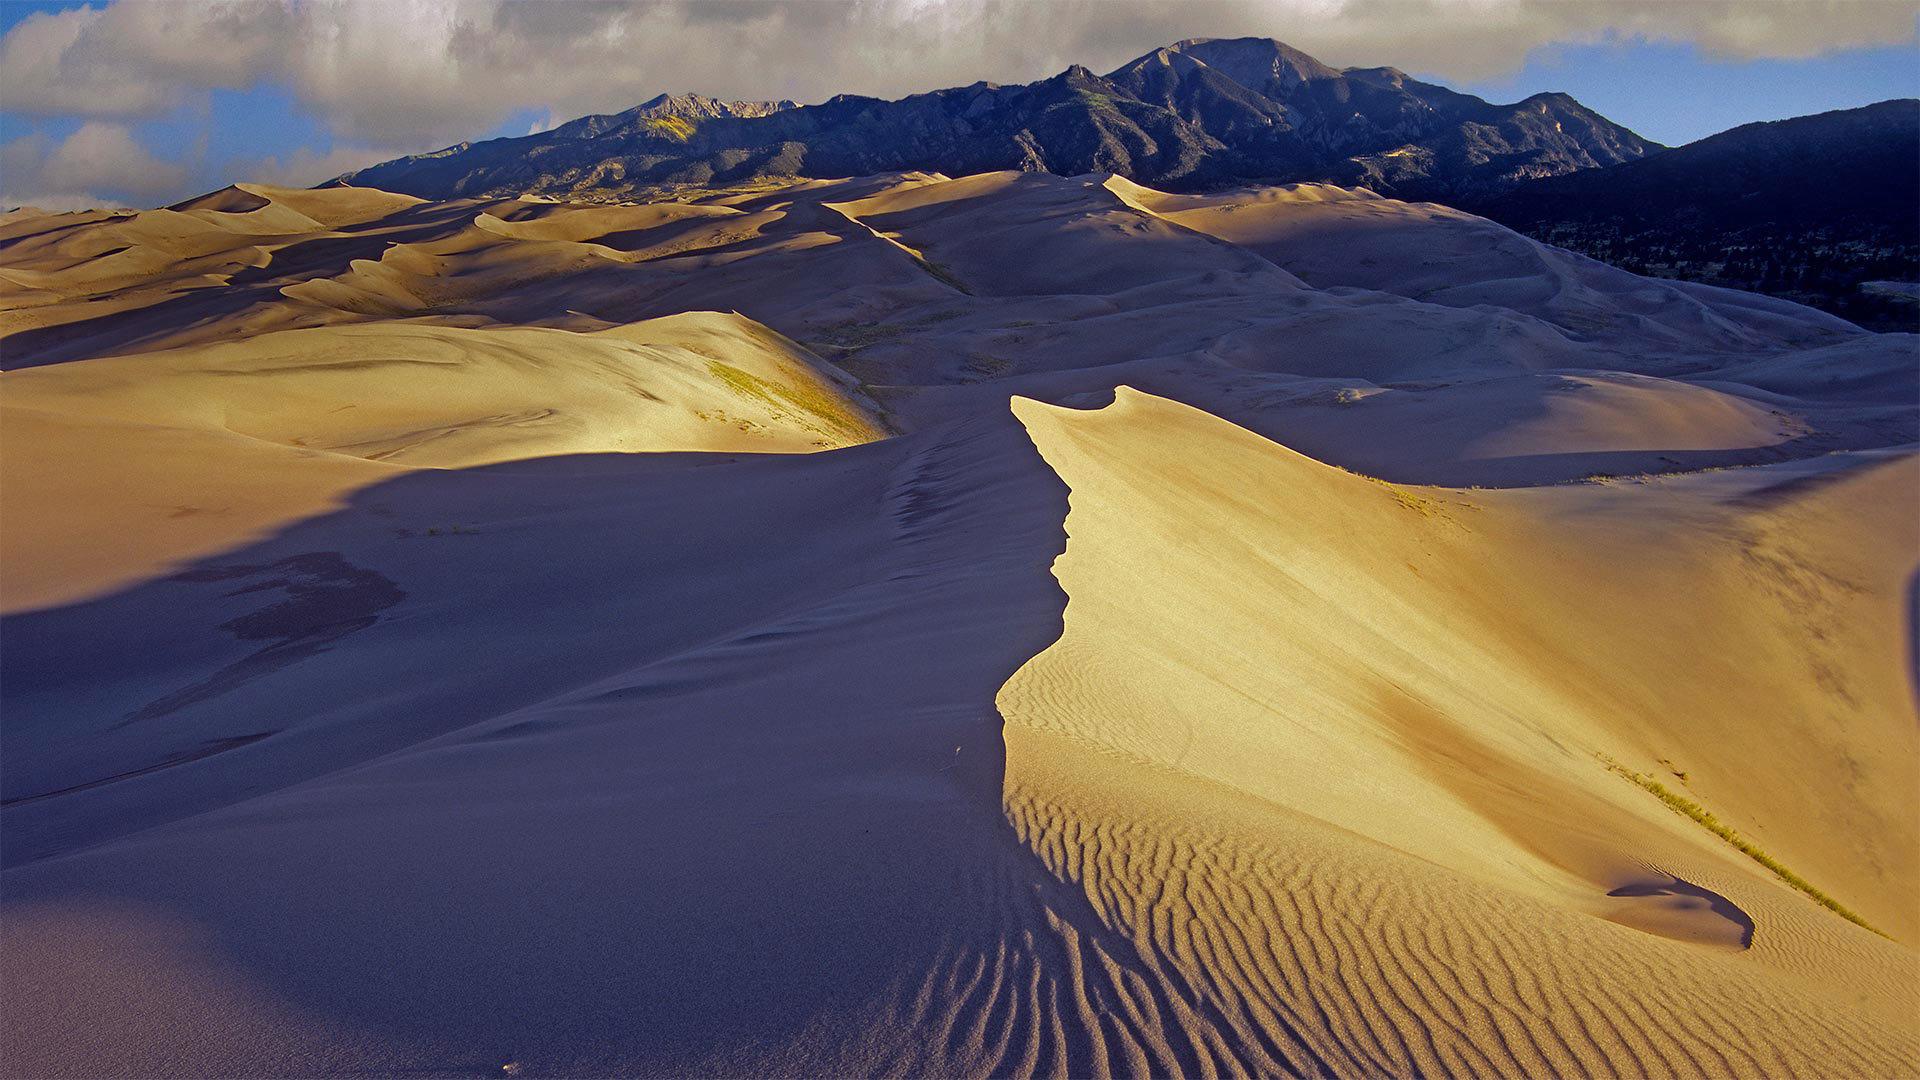 以桑格雷-德克里斯托山为背景的沙丘大沙丘国家公园